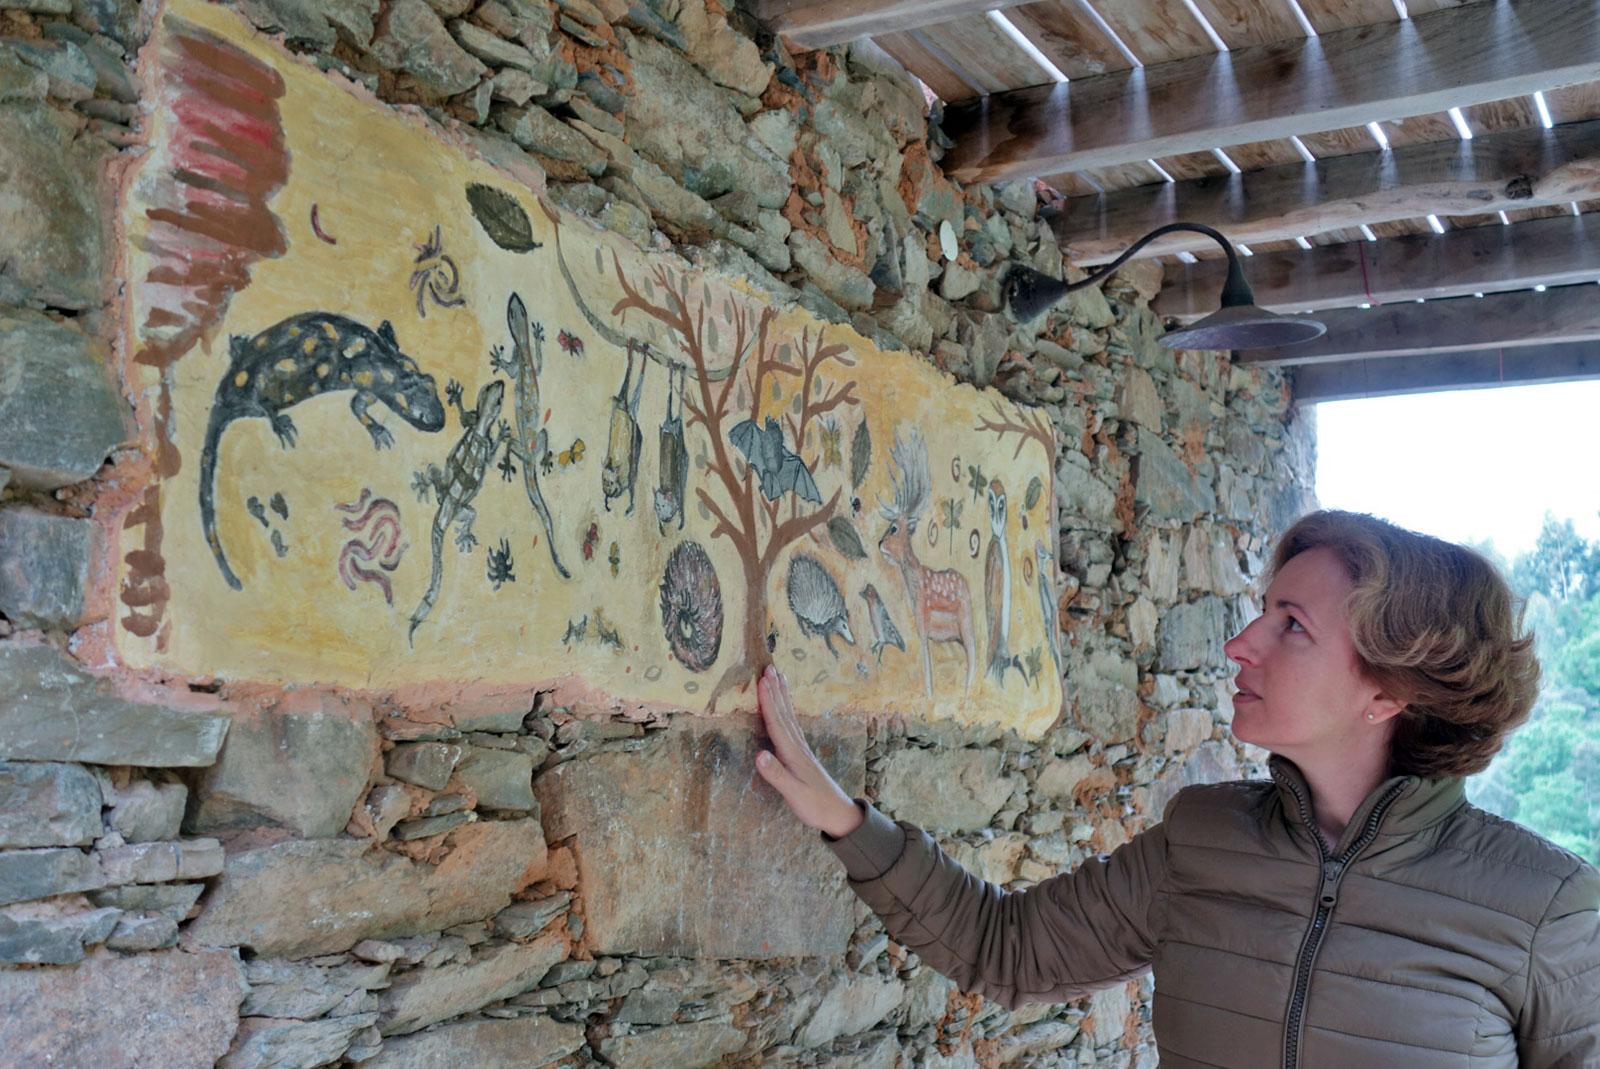 Rita Aleluia junto a parede com pintura de animais, ou uma espécie de arquétipos